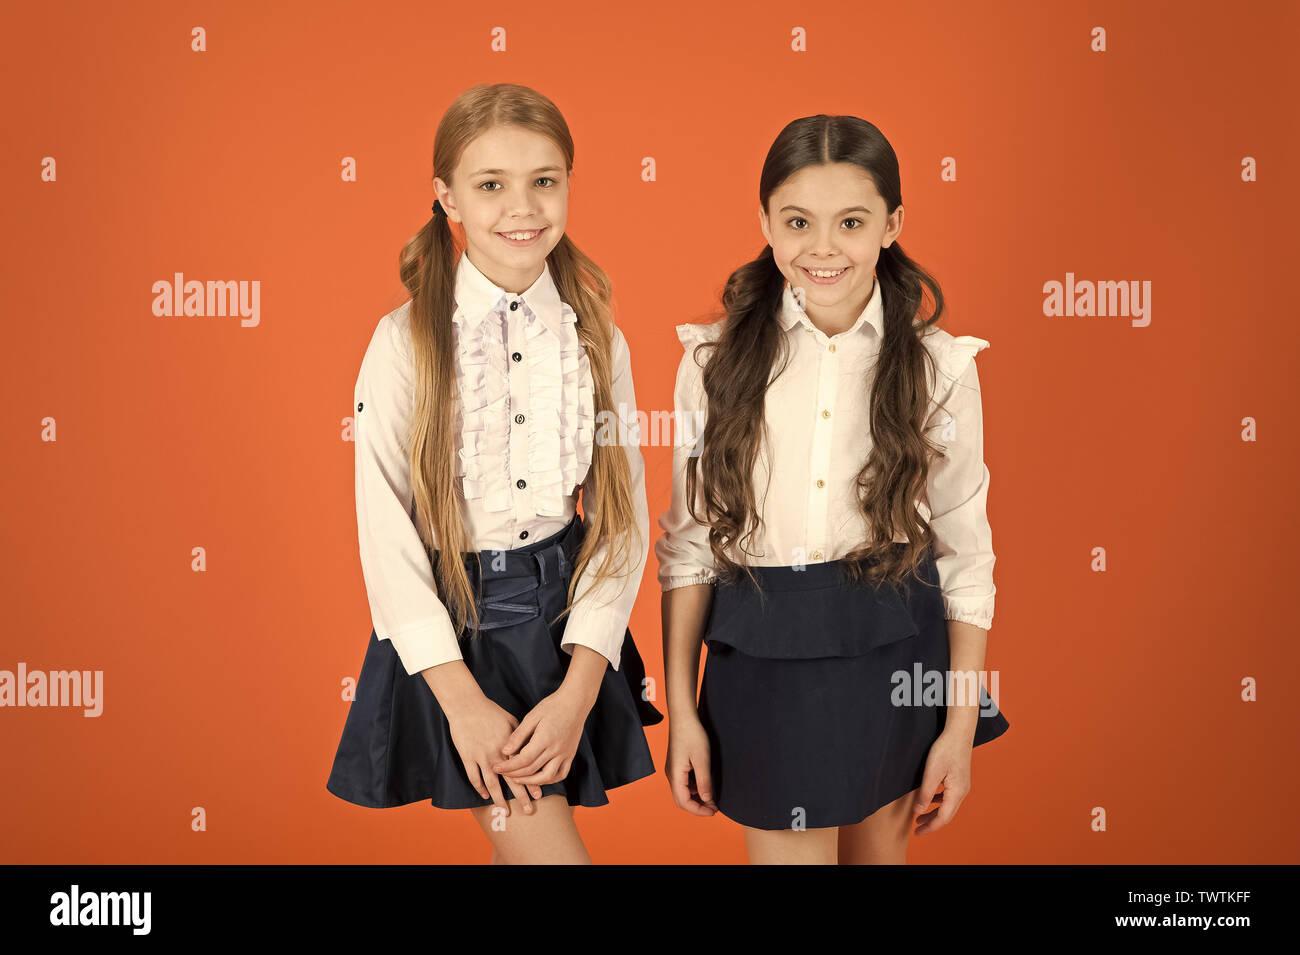 Keeping the look totally trendy. Cute schoolgirls. School children